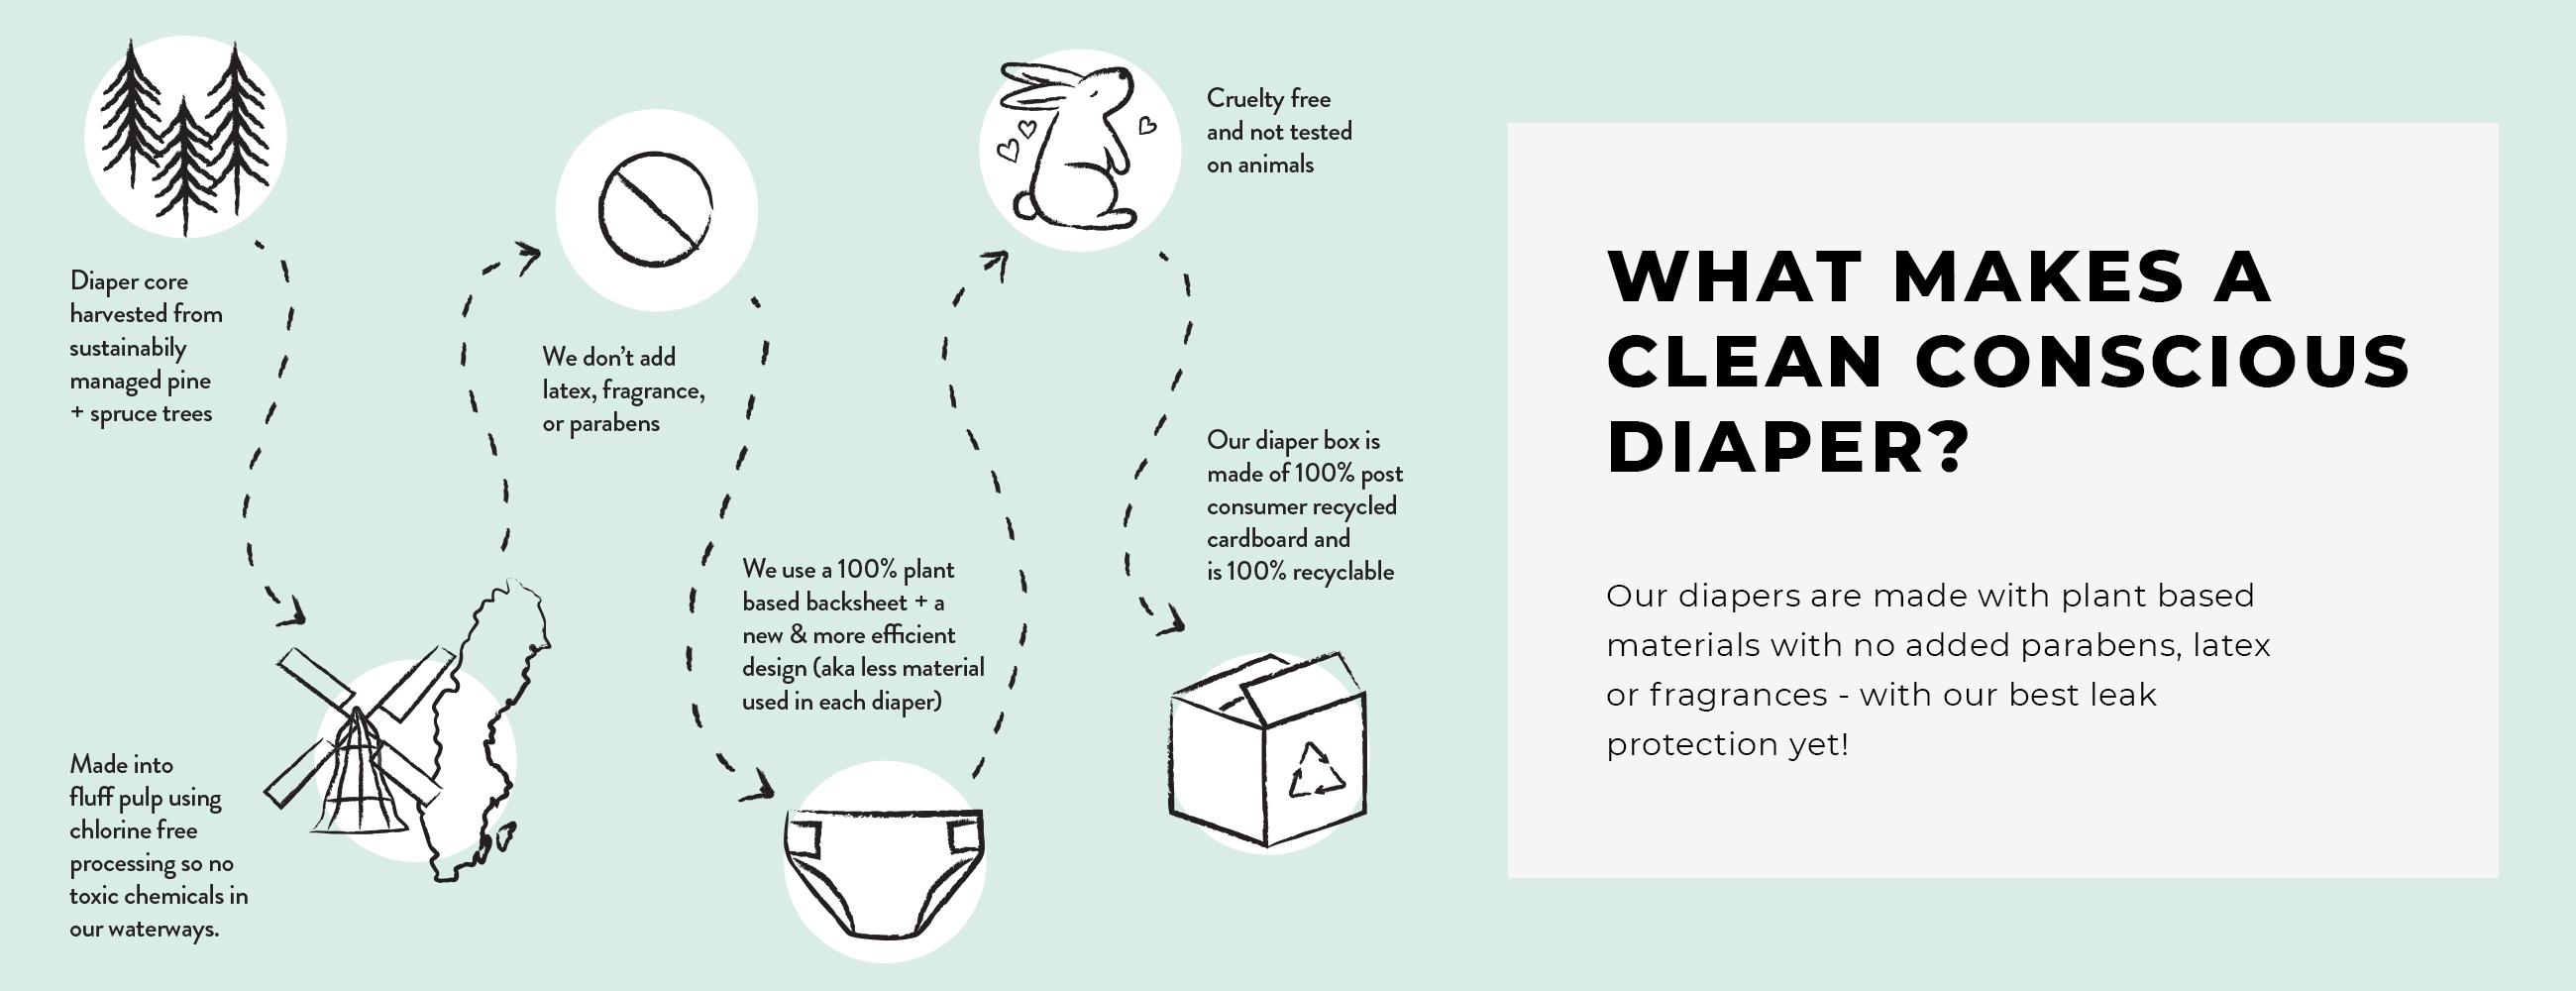 What Makes a Clean Conscious Diaper